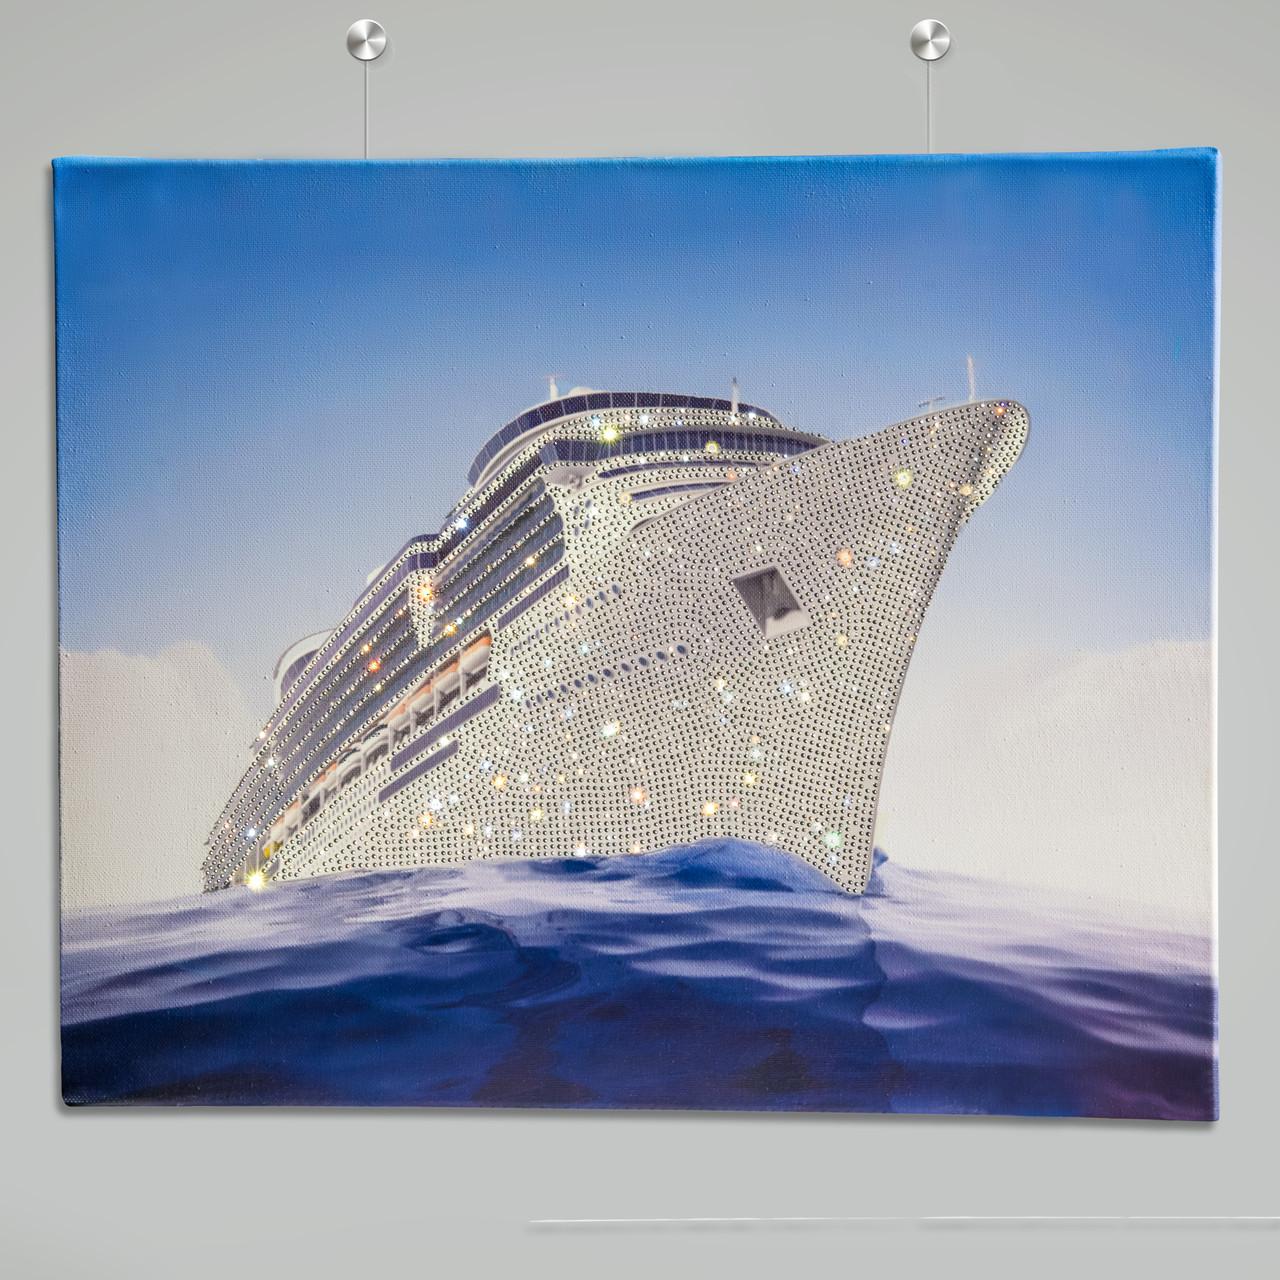 Картина зі стразами в інтер'єр Корабель [55 х 45 см ]